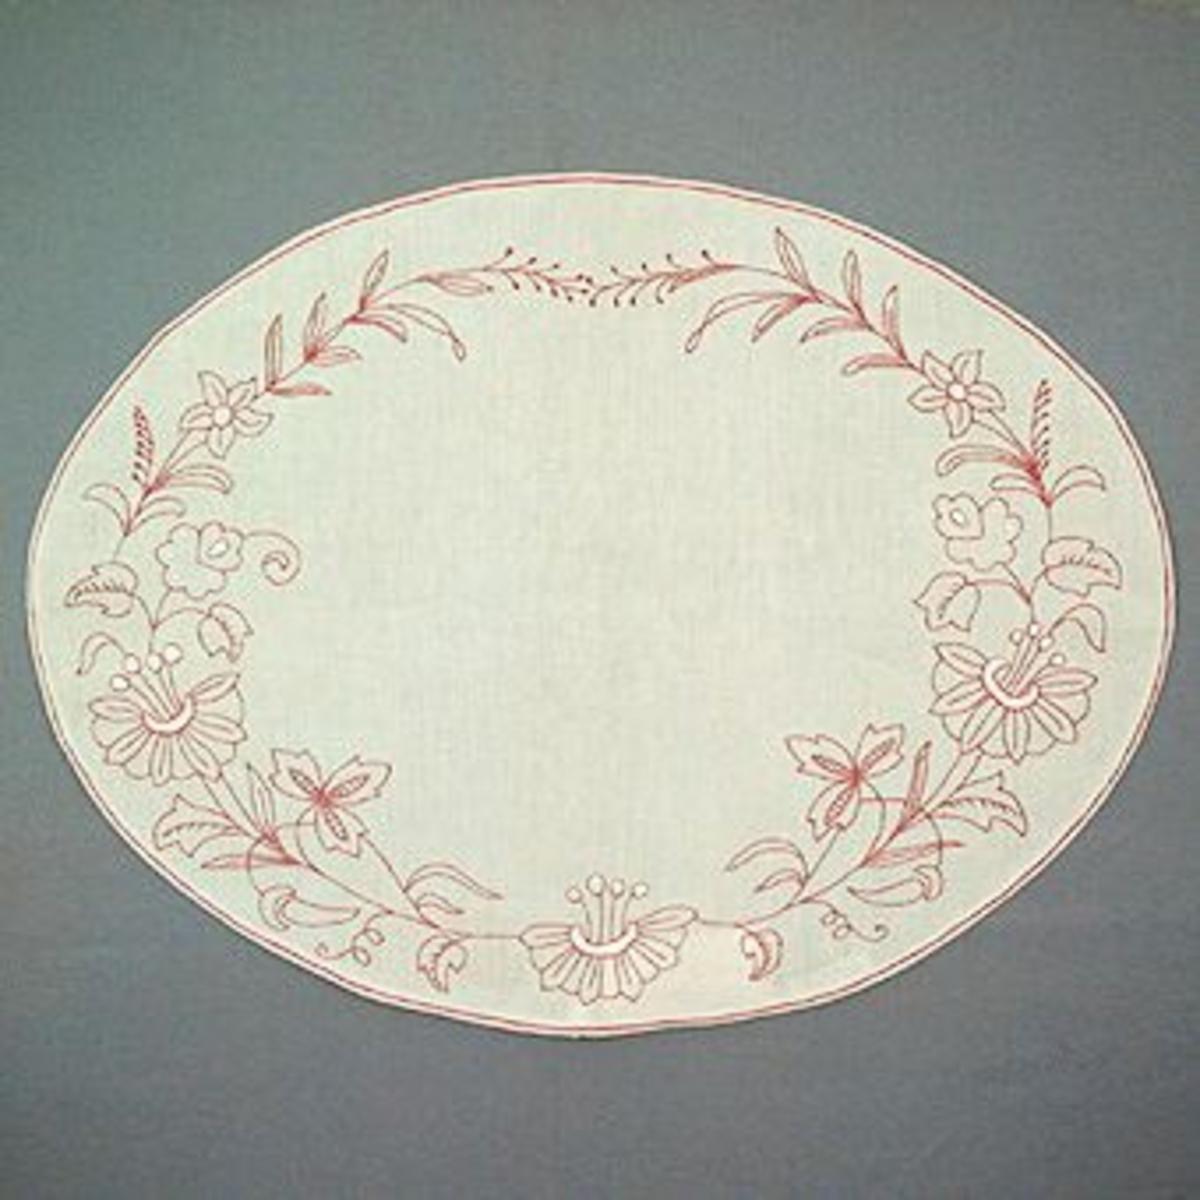 """Broderad brickduk i rosa och vitt bomullsgarn på halvblekt linne. Duken är märkt med en pappersetikett från Kronobergs läns Hemslöjdsförening i Växjö med handskriven text: """"163  """"AGNES"""" EFTER GAMMAL FÖRLAGA  Storl. 48 x 64  Matr. Pris: 185:- """"."""